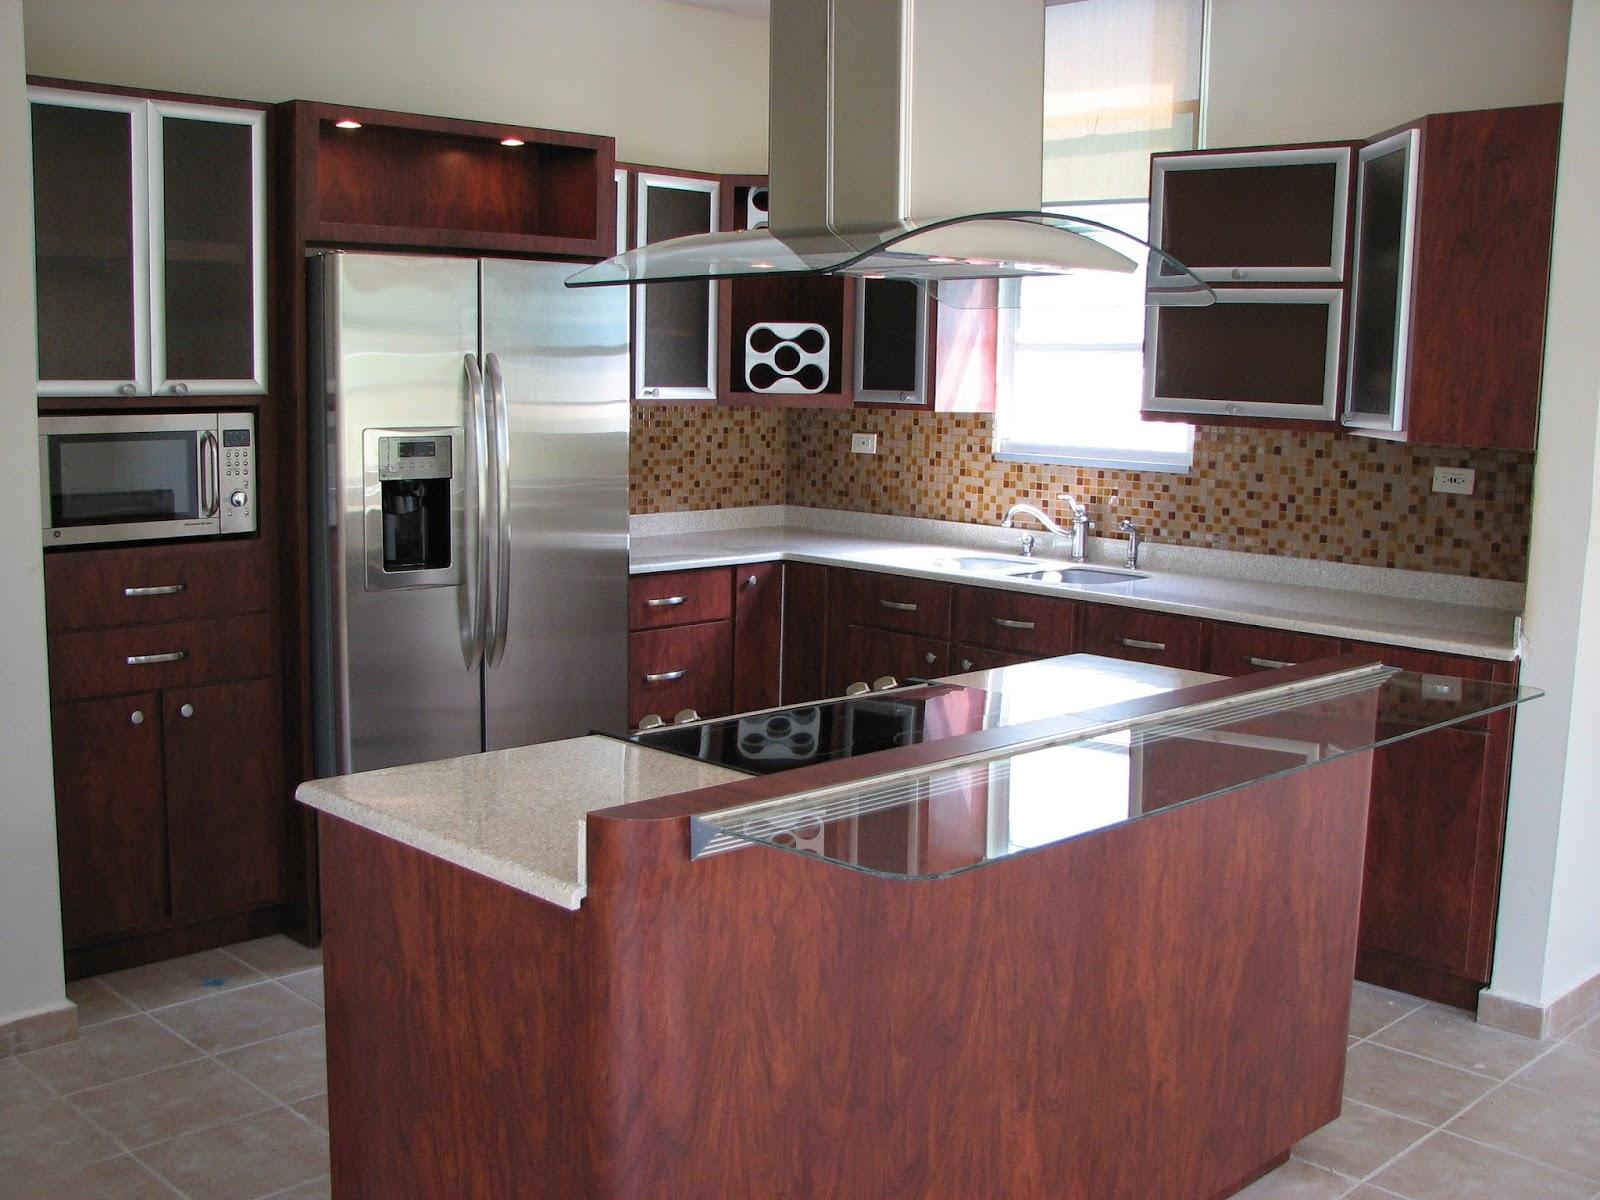 Gabinetes de cocina modernos puerto rico for Gabinetes de cocina modernos